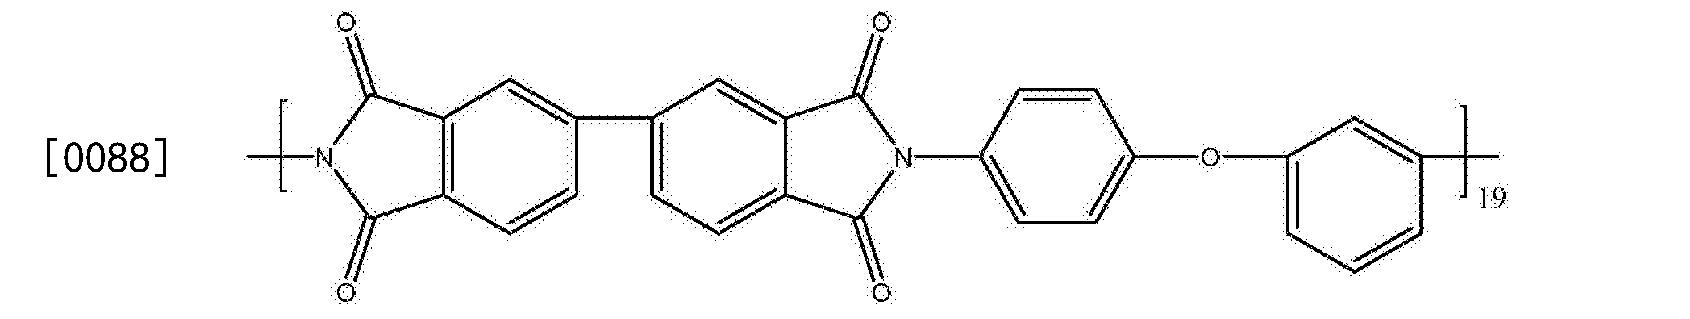 Figure CN104829837BD00151